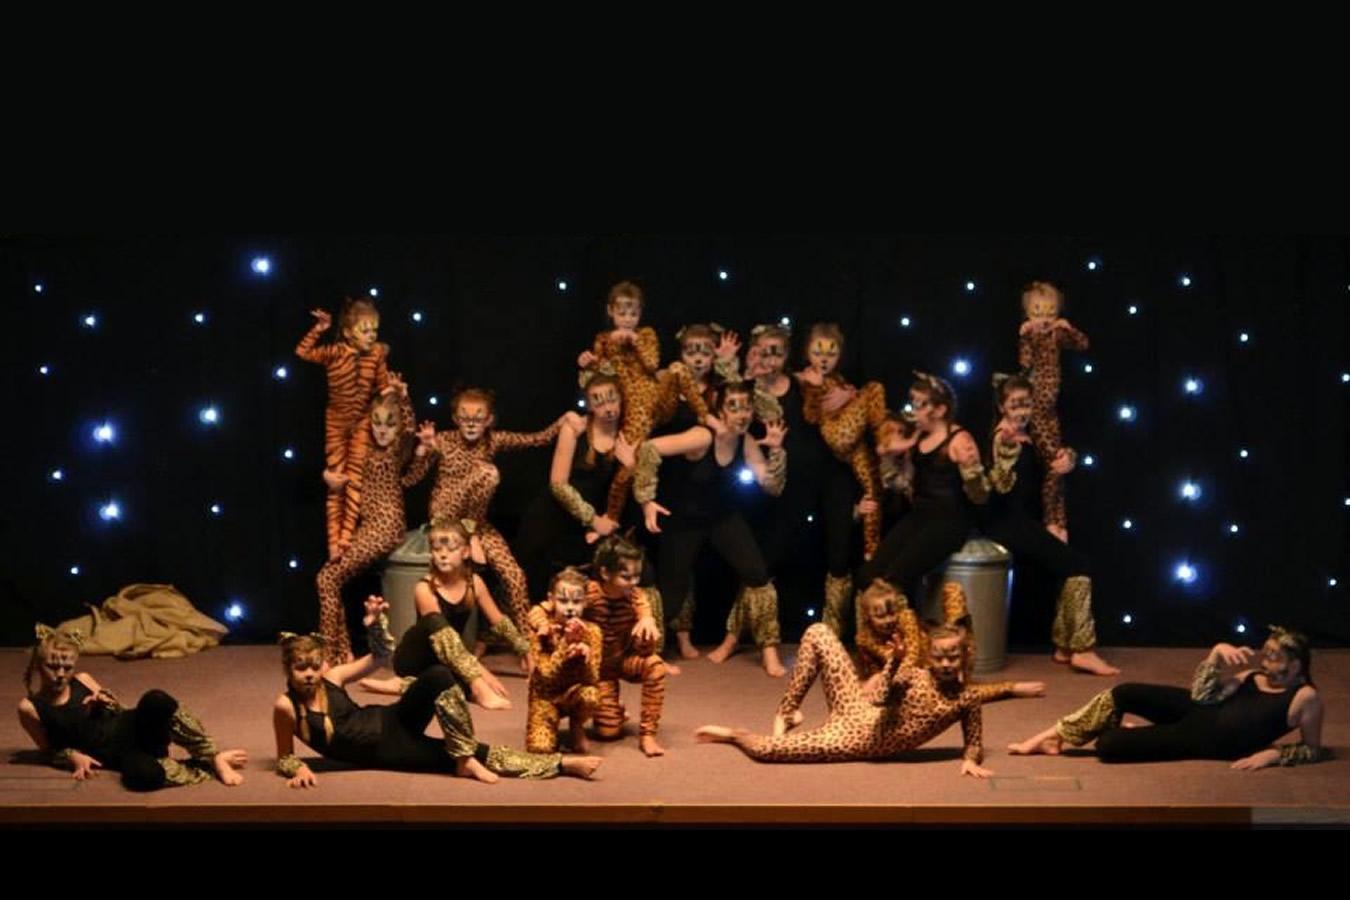 Acro Dancer